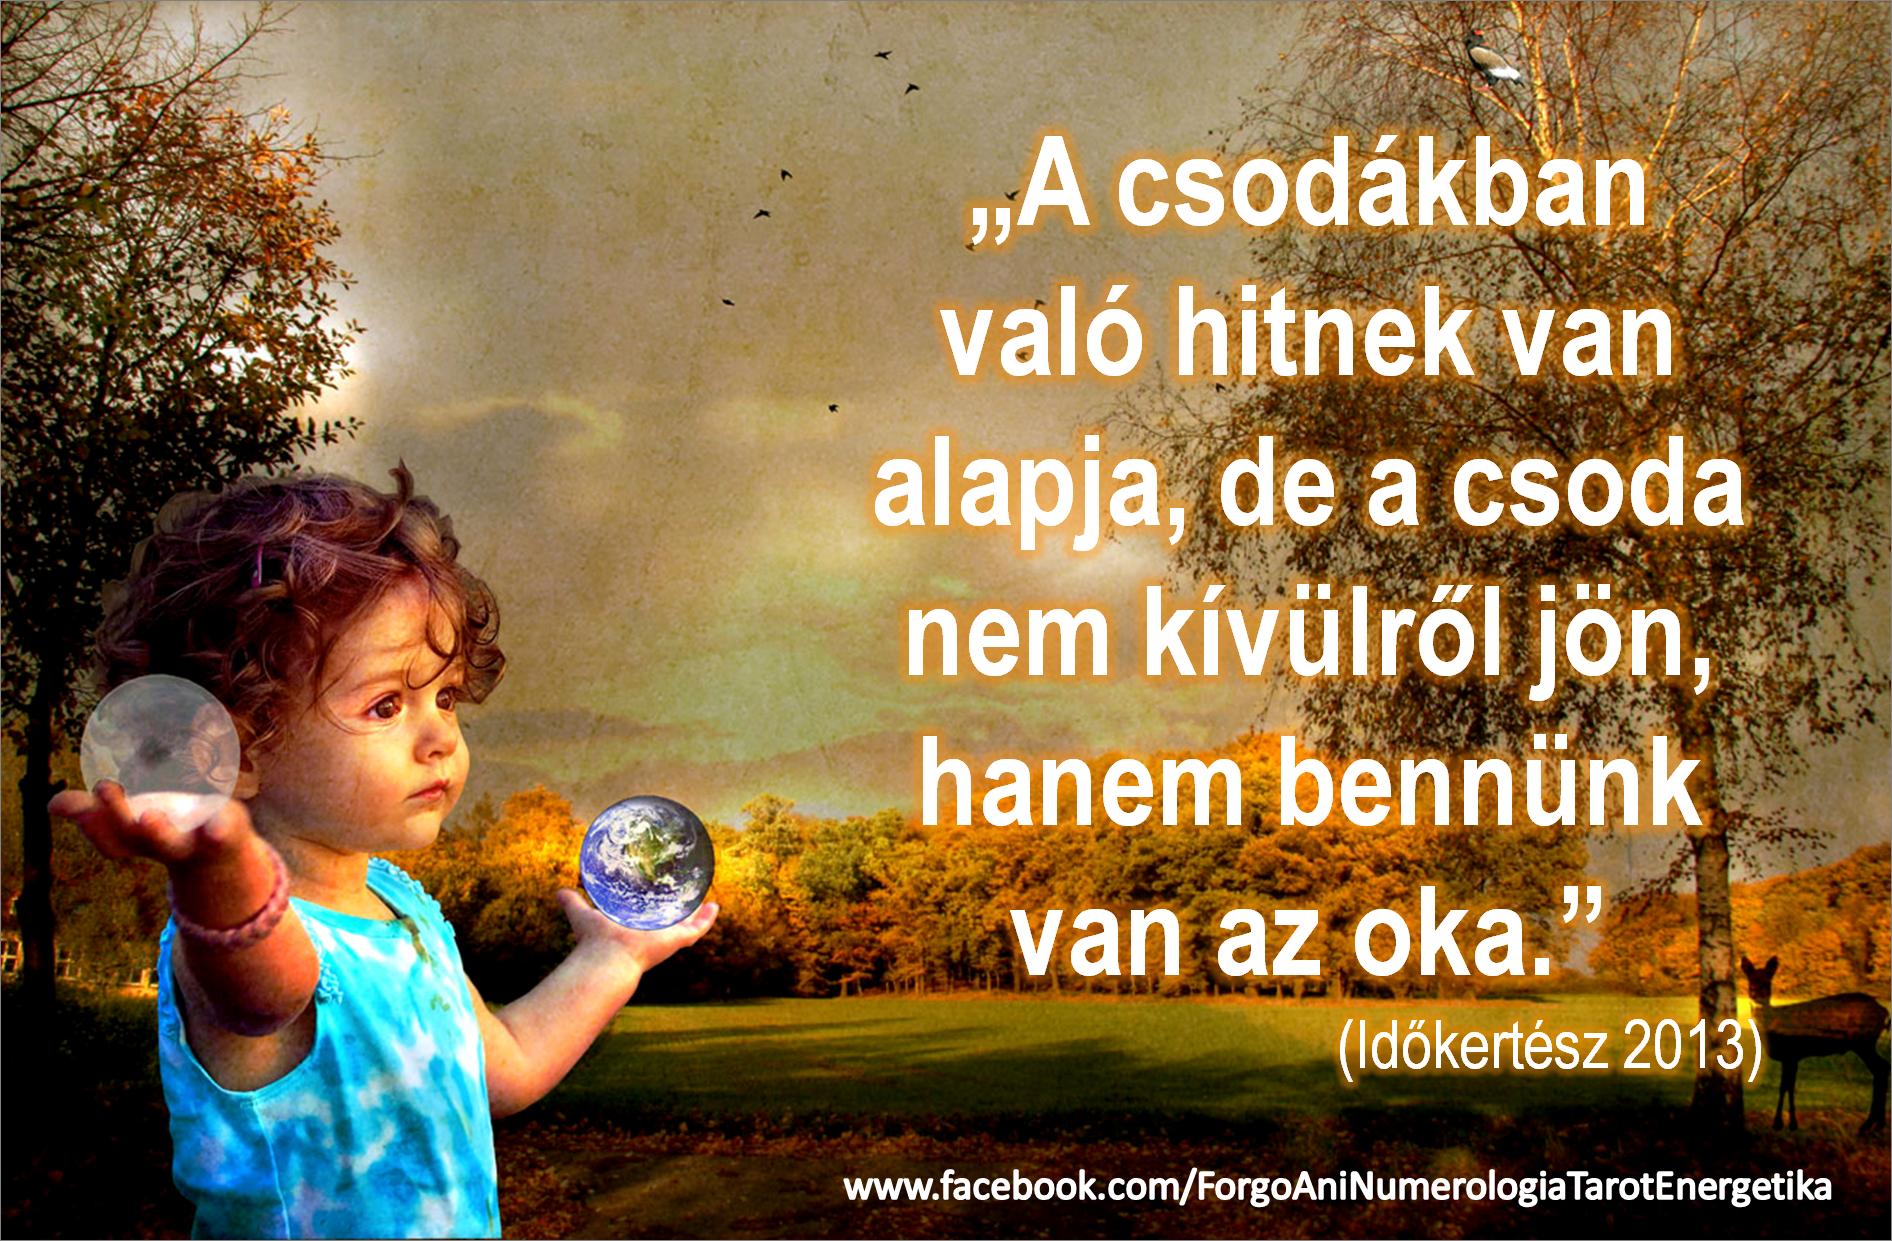 idézetek facebookra 2013 http://.facebook.com/ForgoAniNumerologiaTarotEnergetika